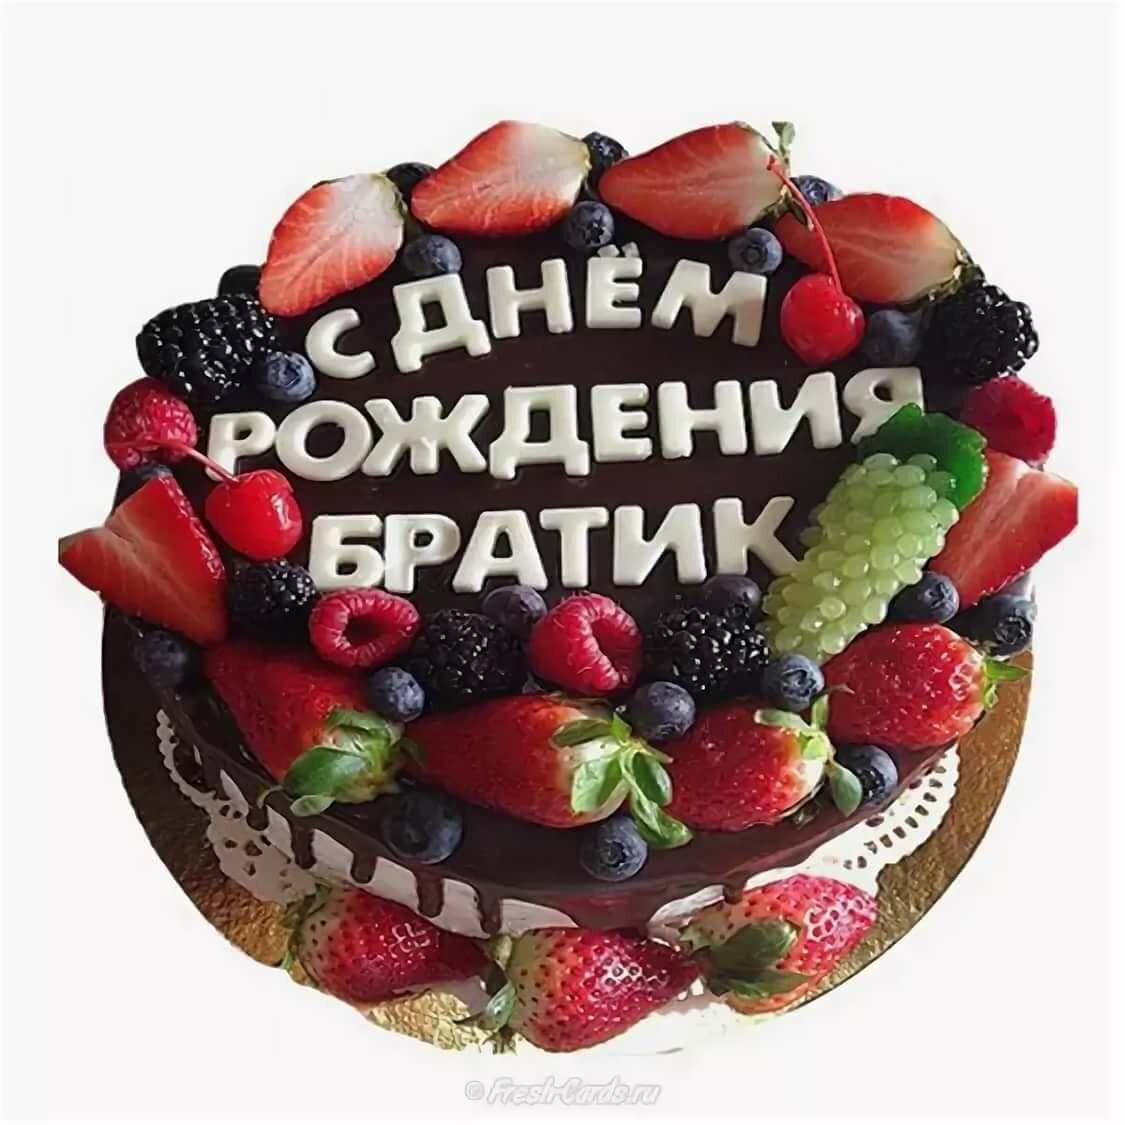 Крутые поздравления с днем рождения брату от брата